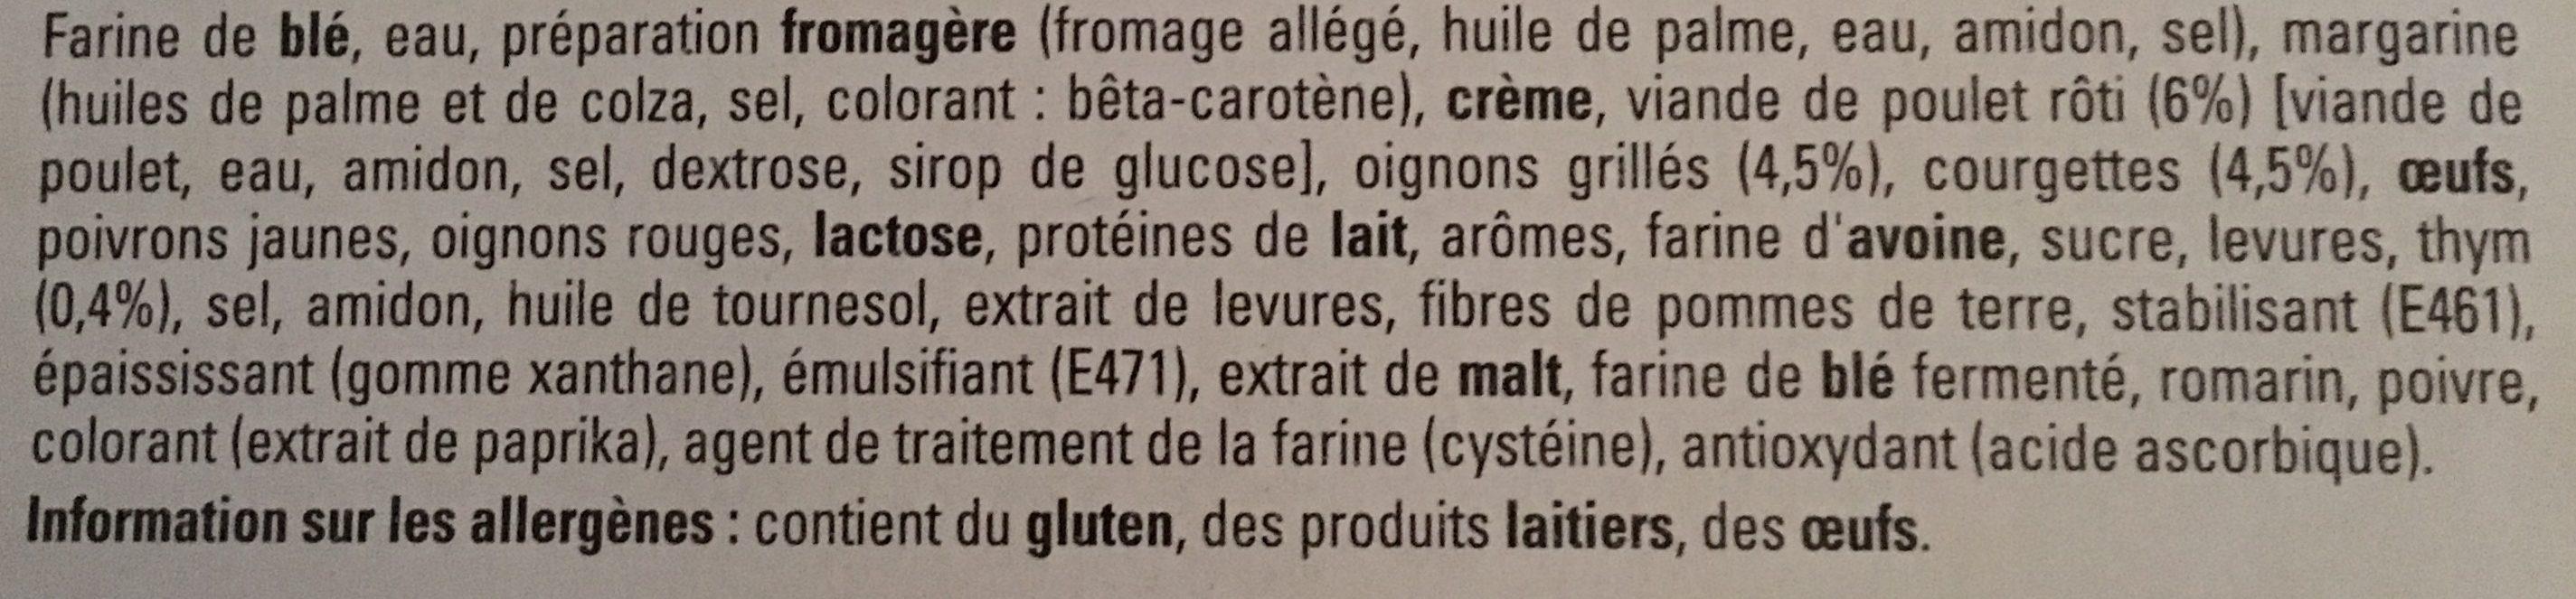 4 Original Bun's Poulet Rôti et Thym - Ingrédients - fr